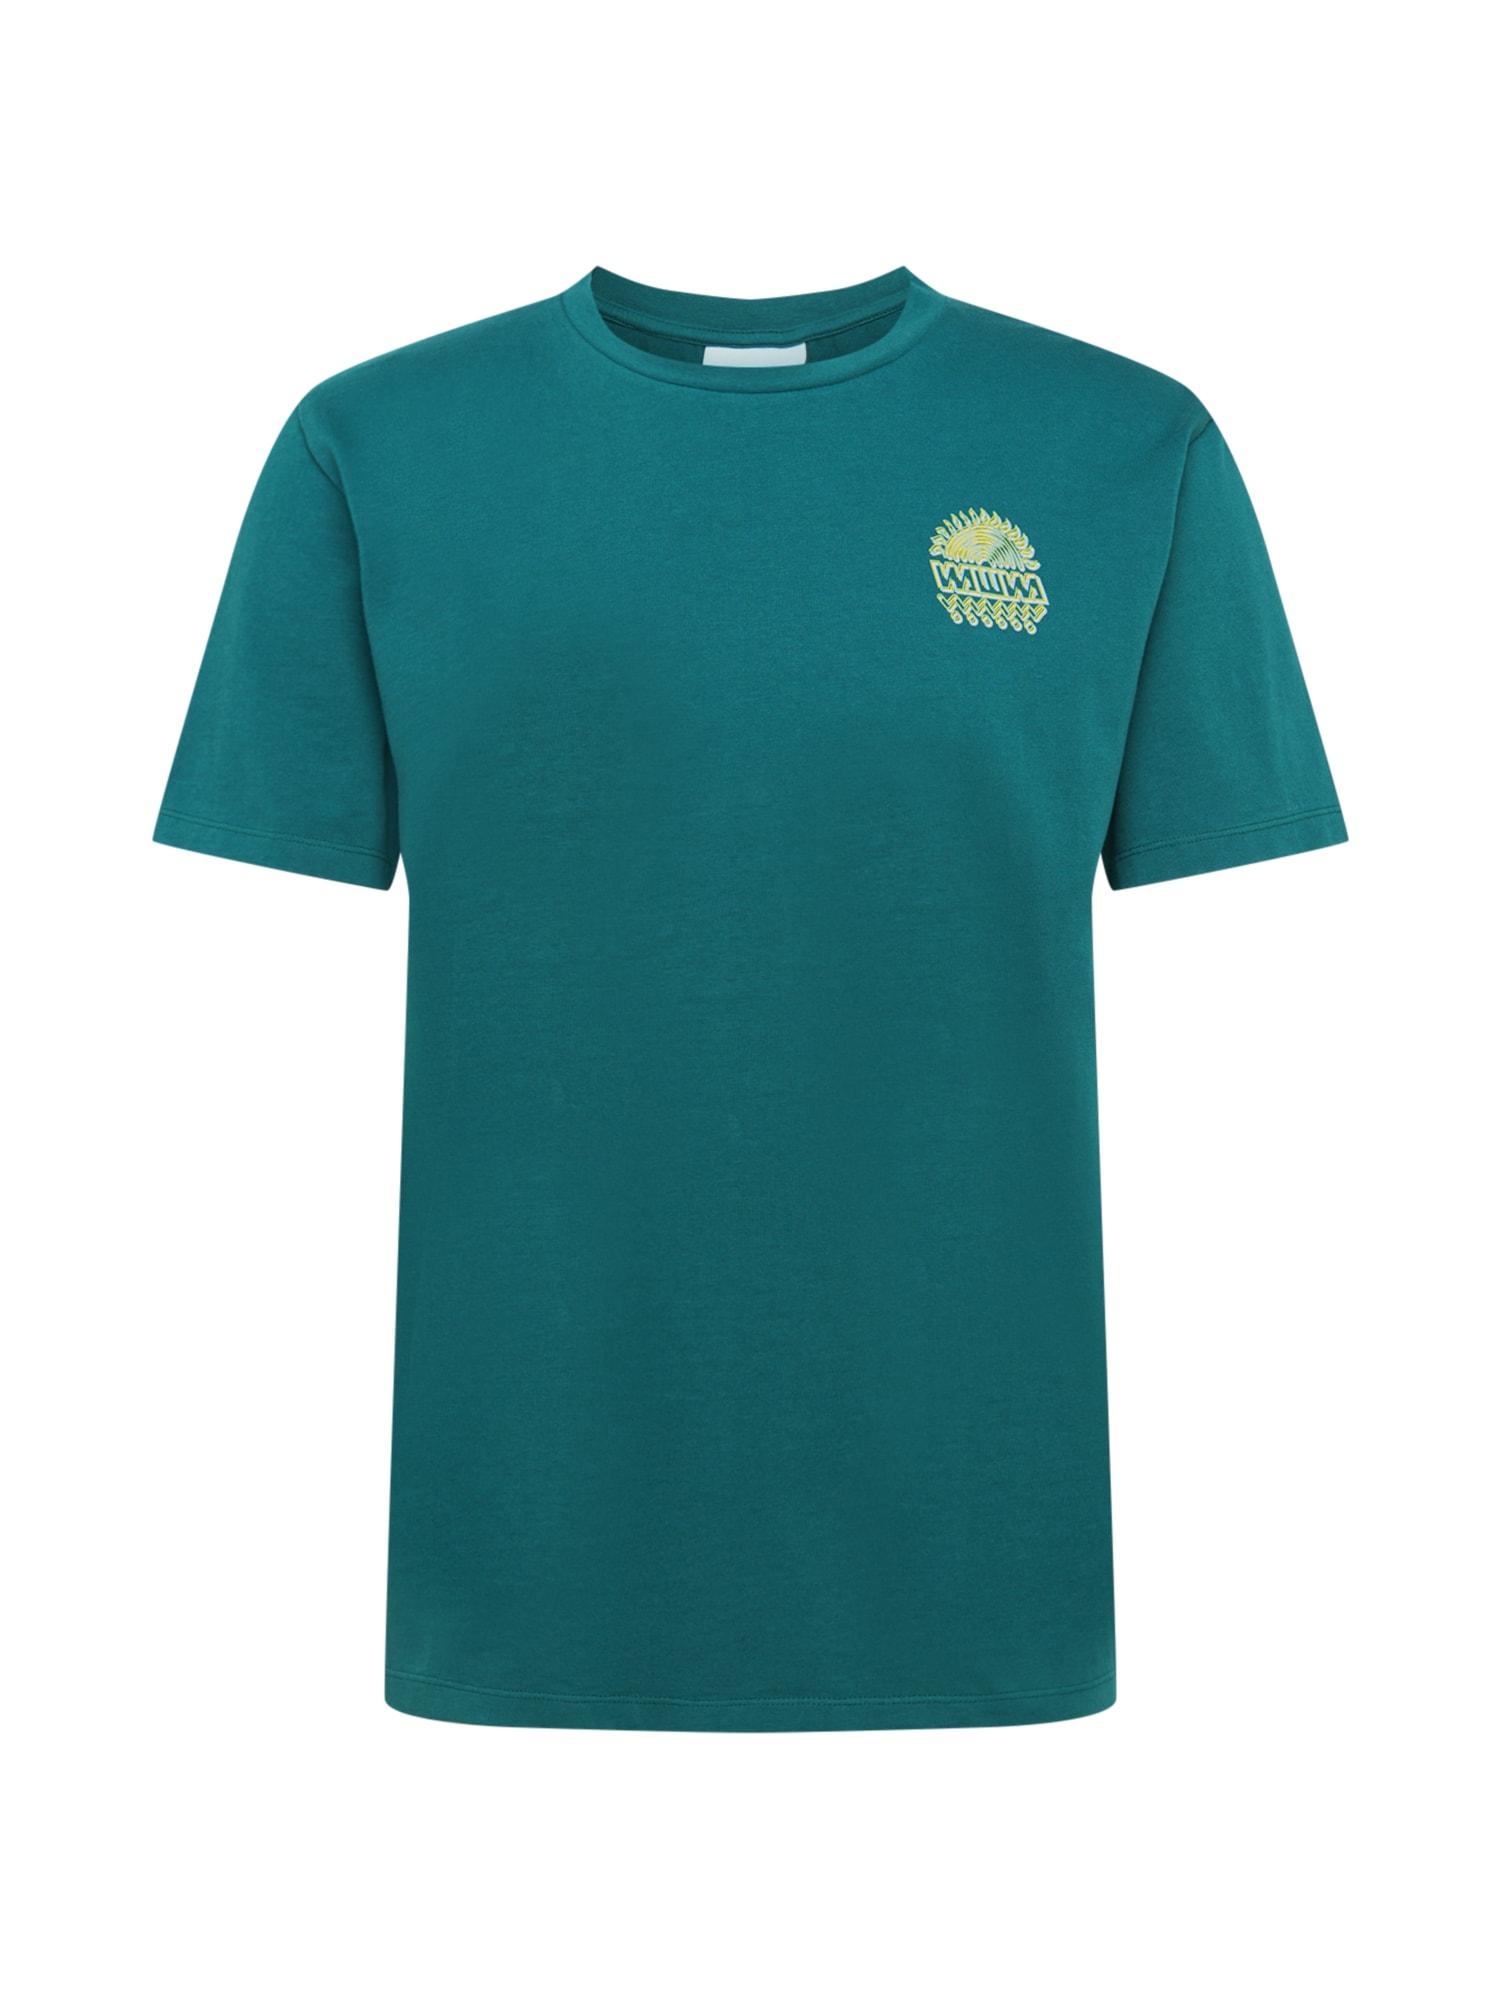 WAWWA Marškinėliai žalia / alyvinė spalva / geltona